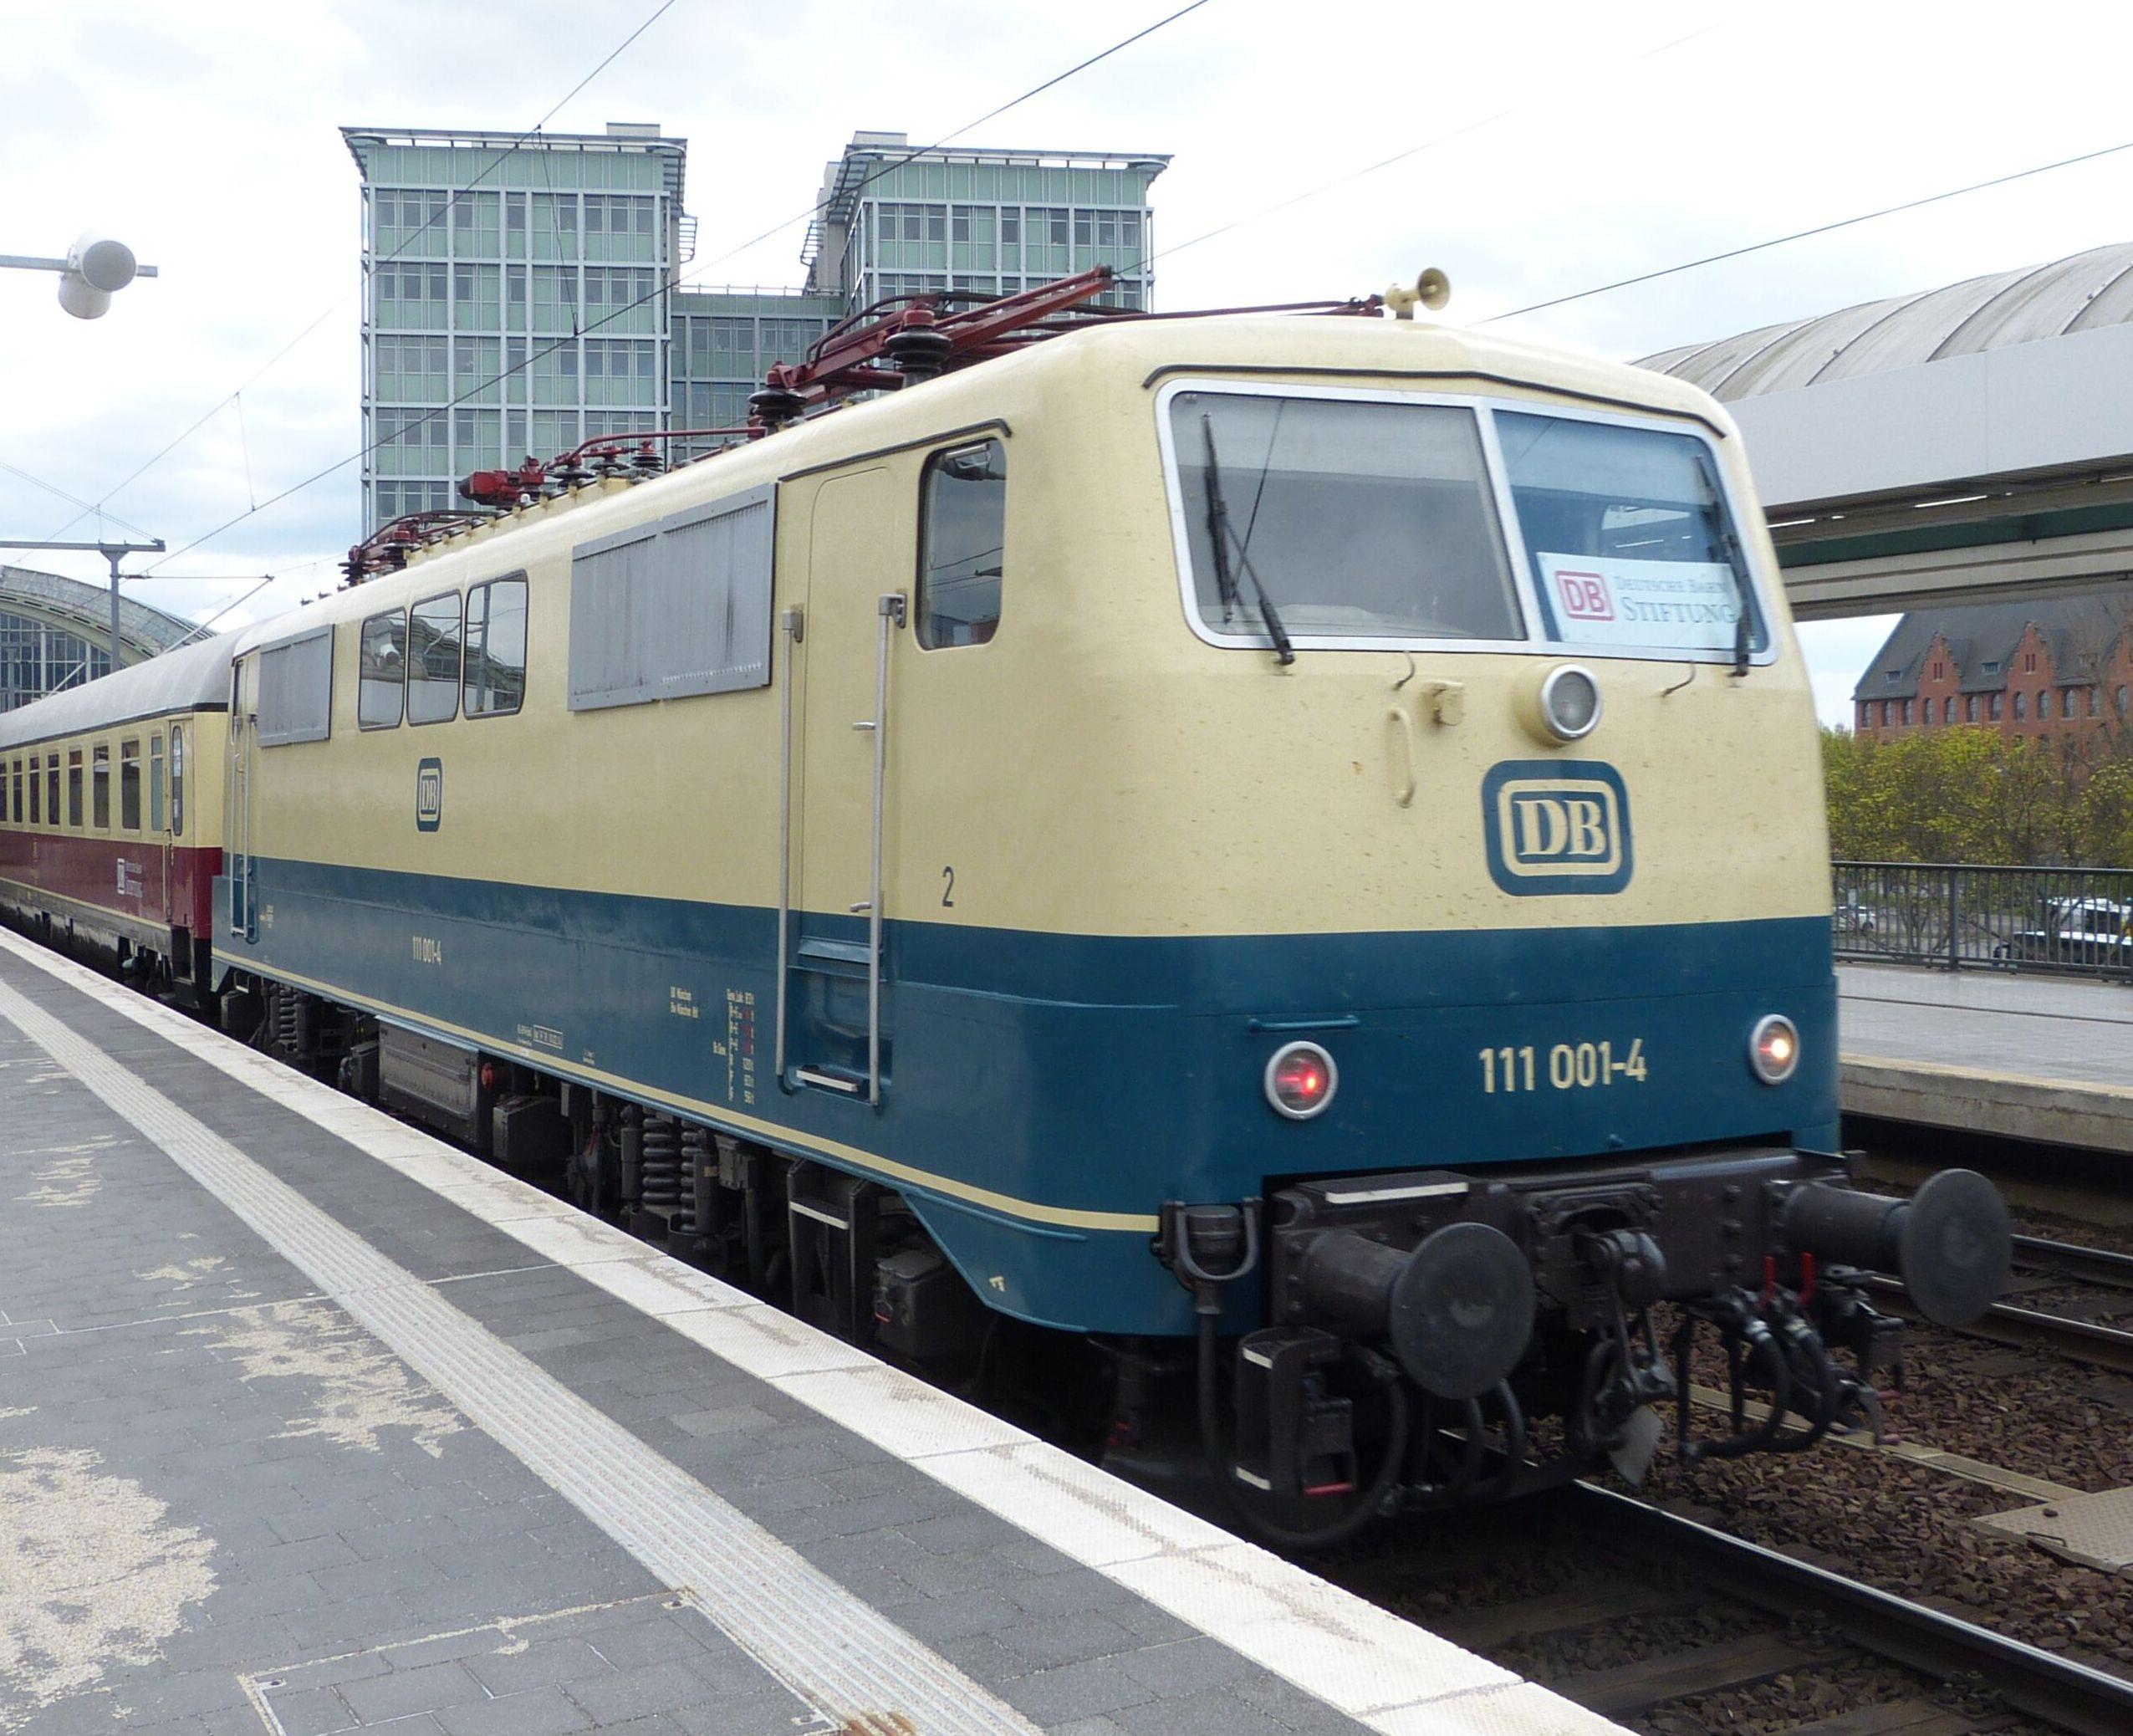 Elok 111 001 in Berlin Ostbahnhof, 2015